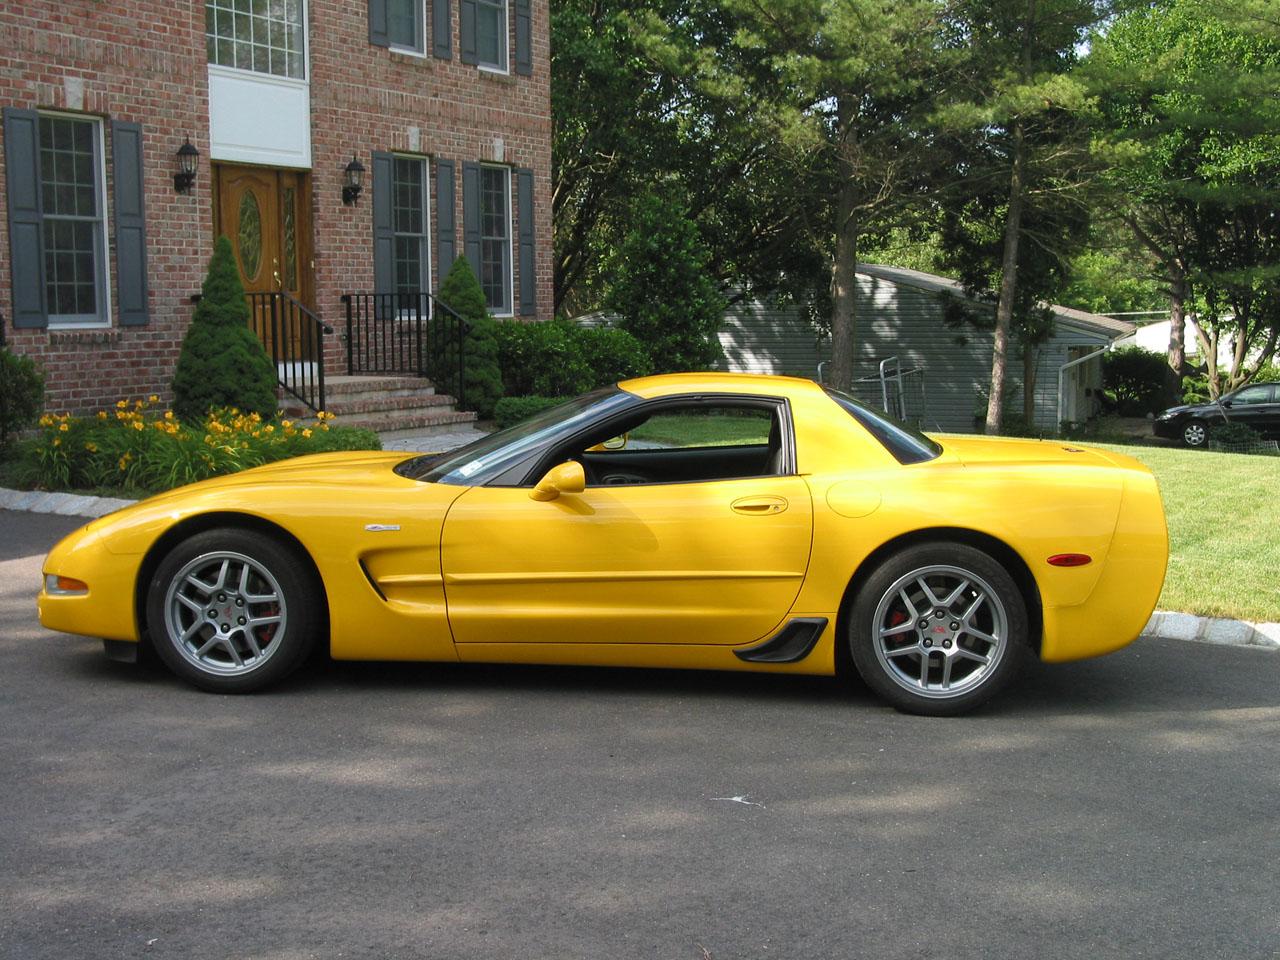 2004 Chevrolet Corvette Z06 1/4 mile Drag Racing timeslip specs 0-60 ...